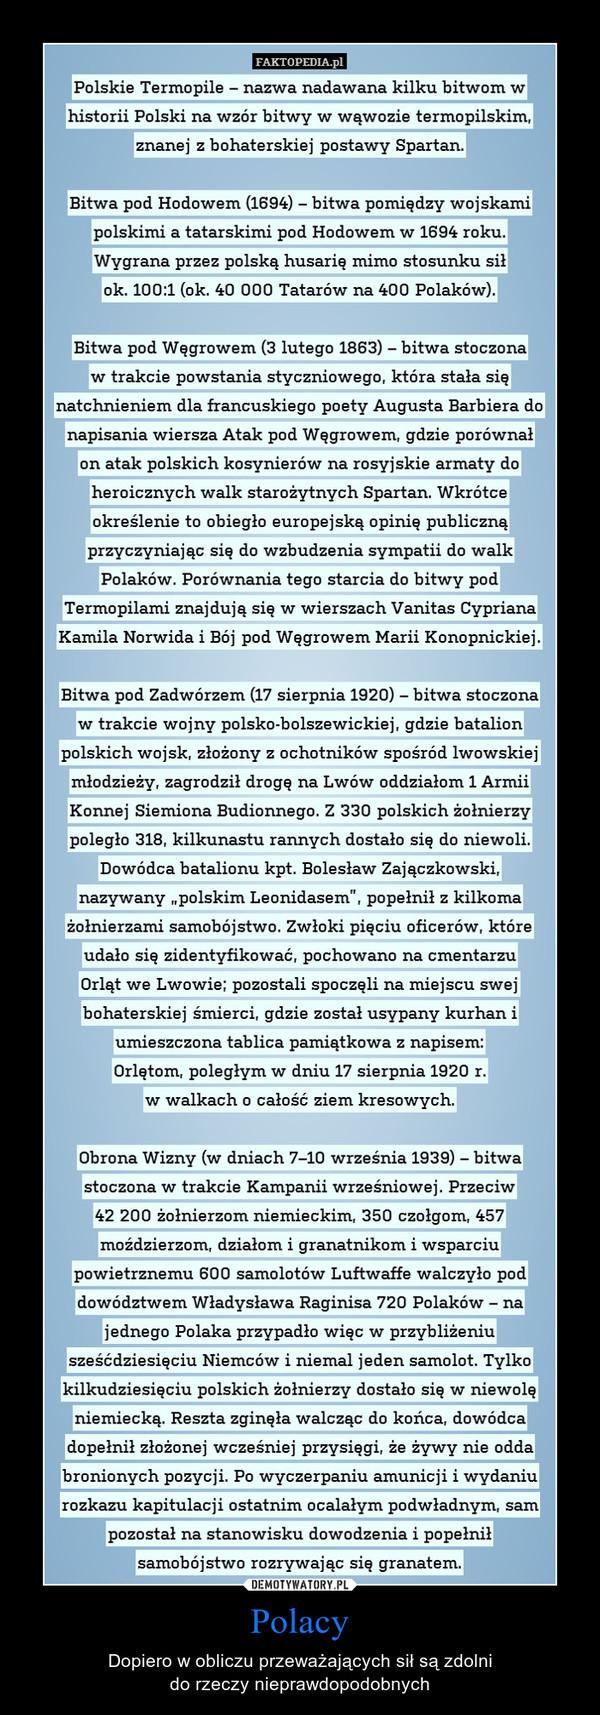 Polacy – Dopiero w obliczu przeważających sił są zdolnido rzeczy nieprawdopodobnych